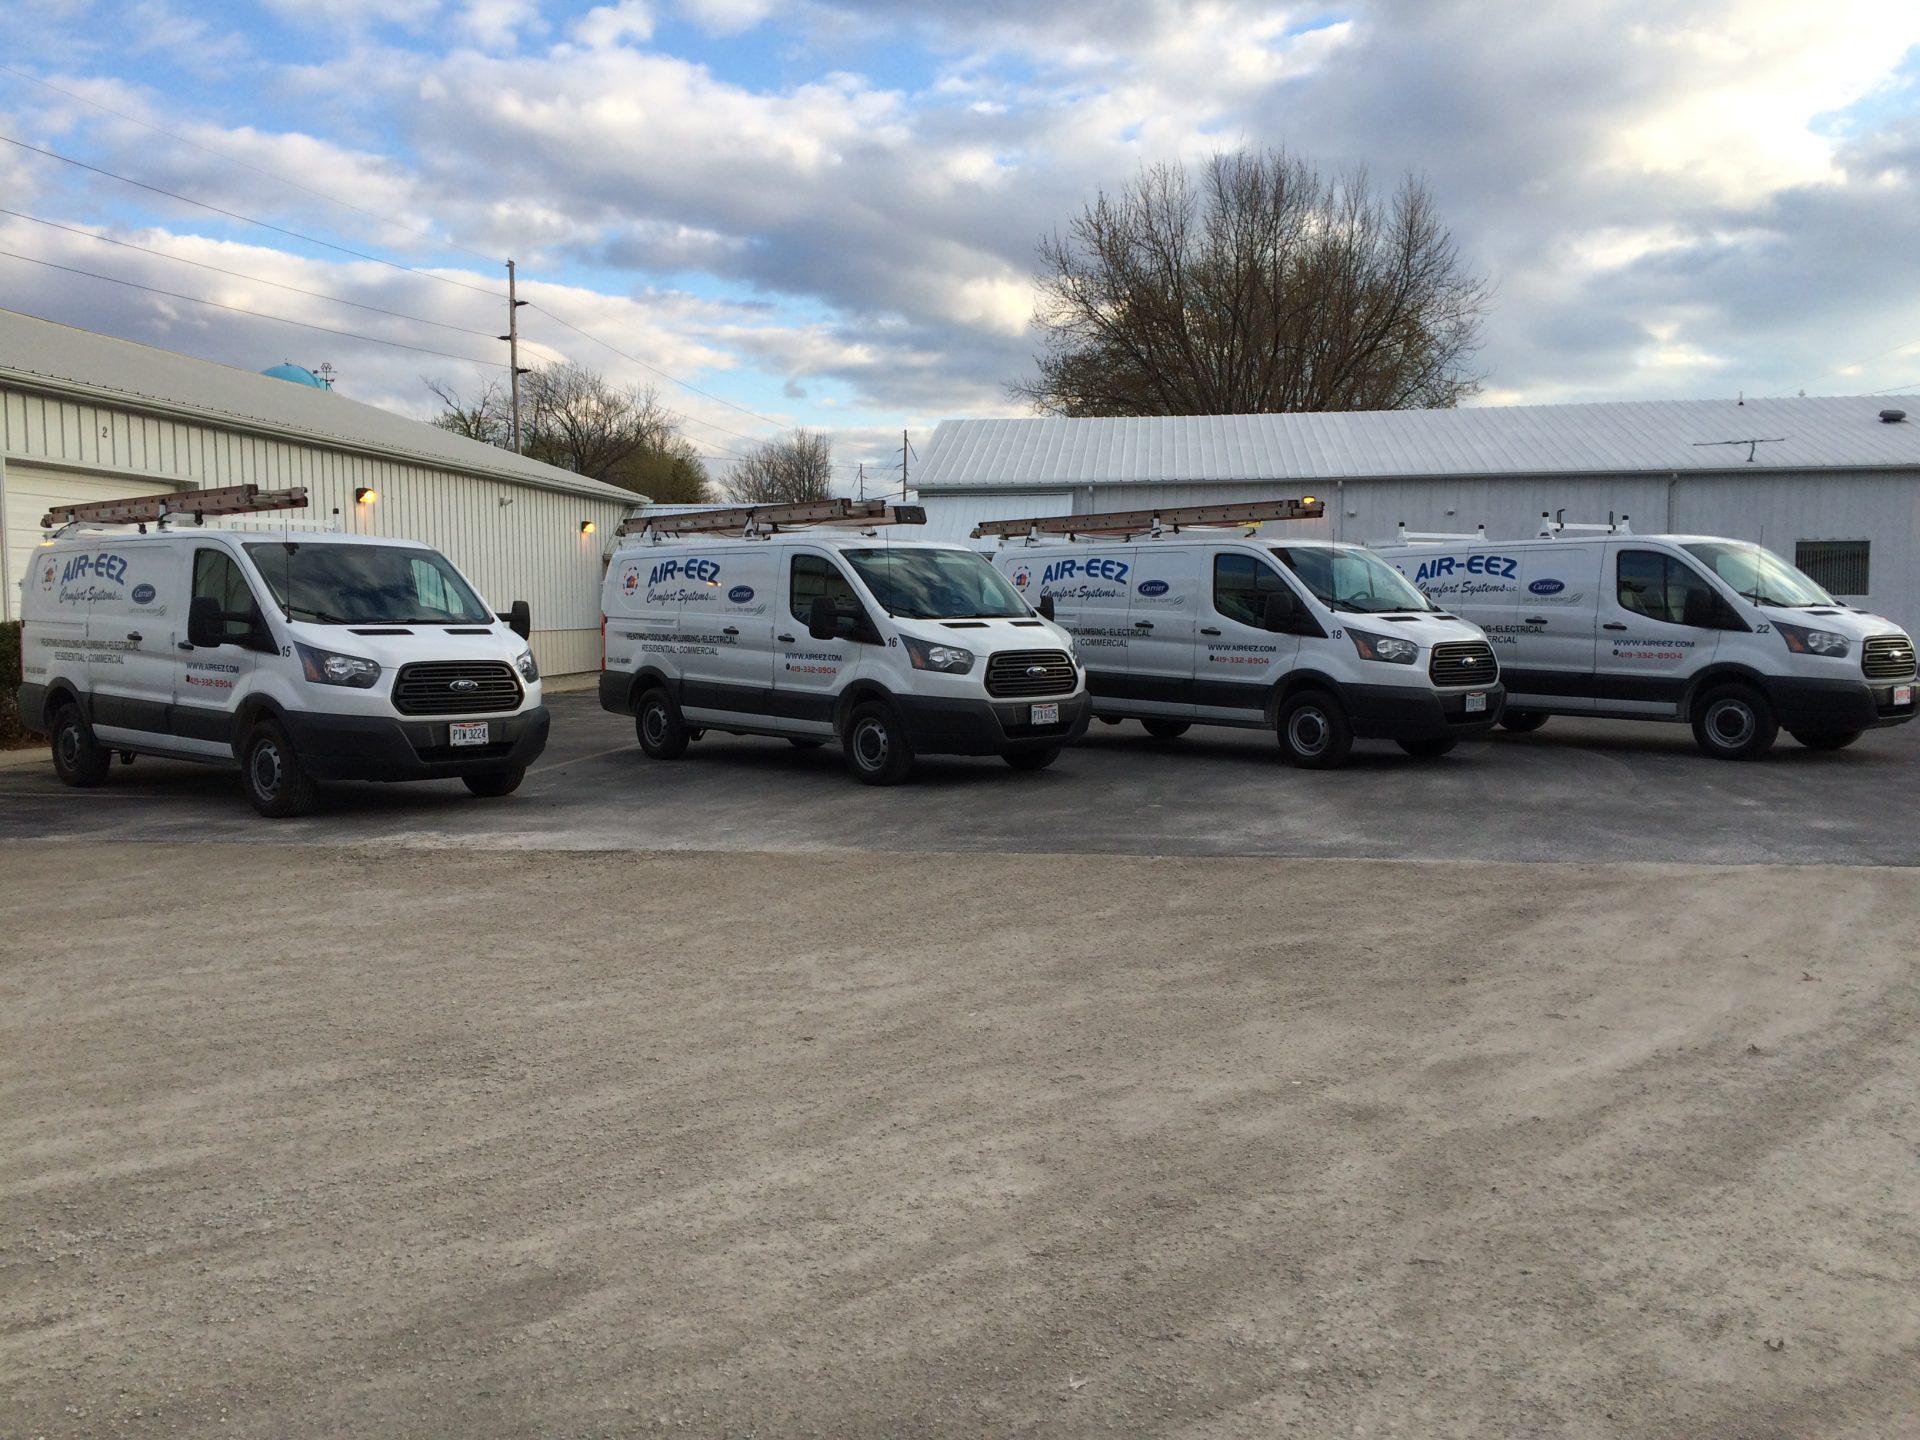 Air Eez Vans